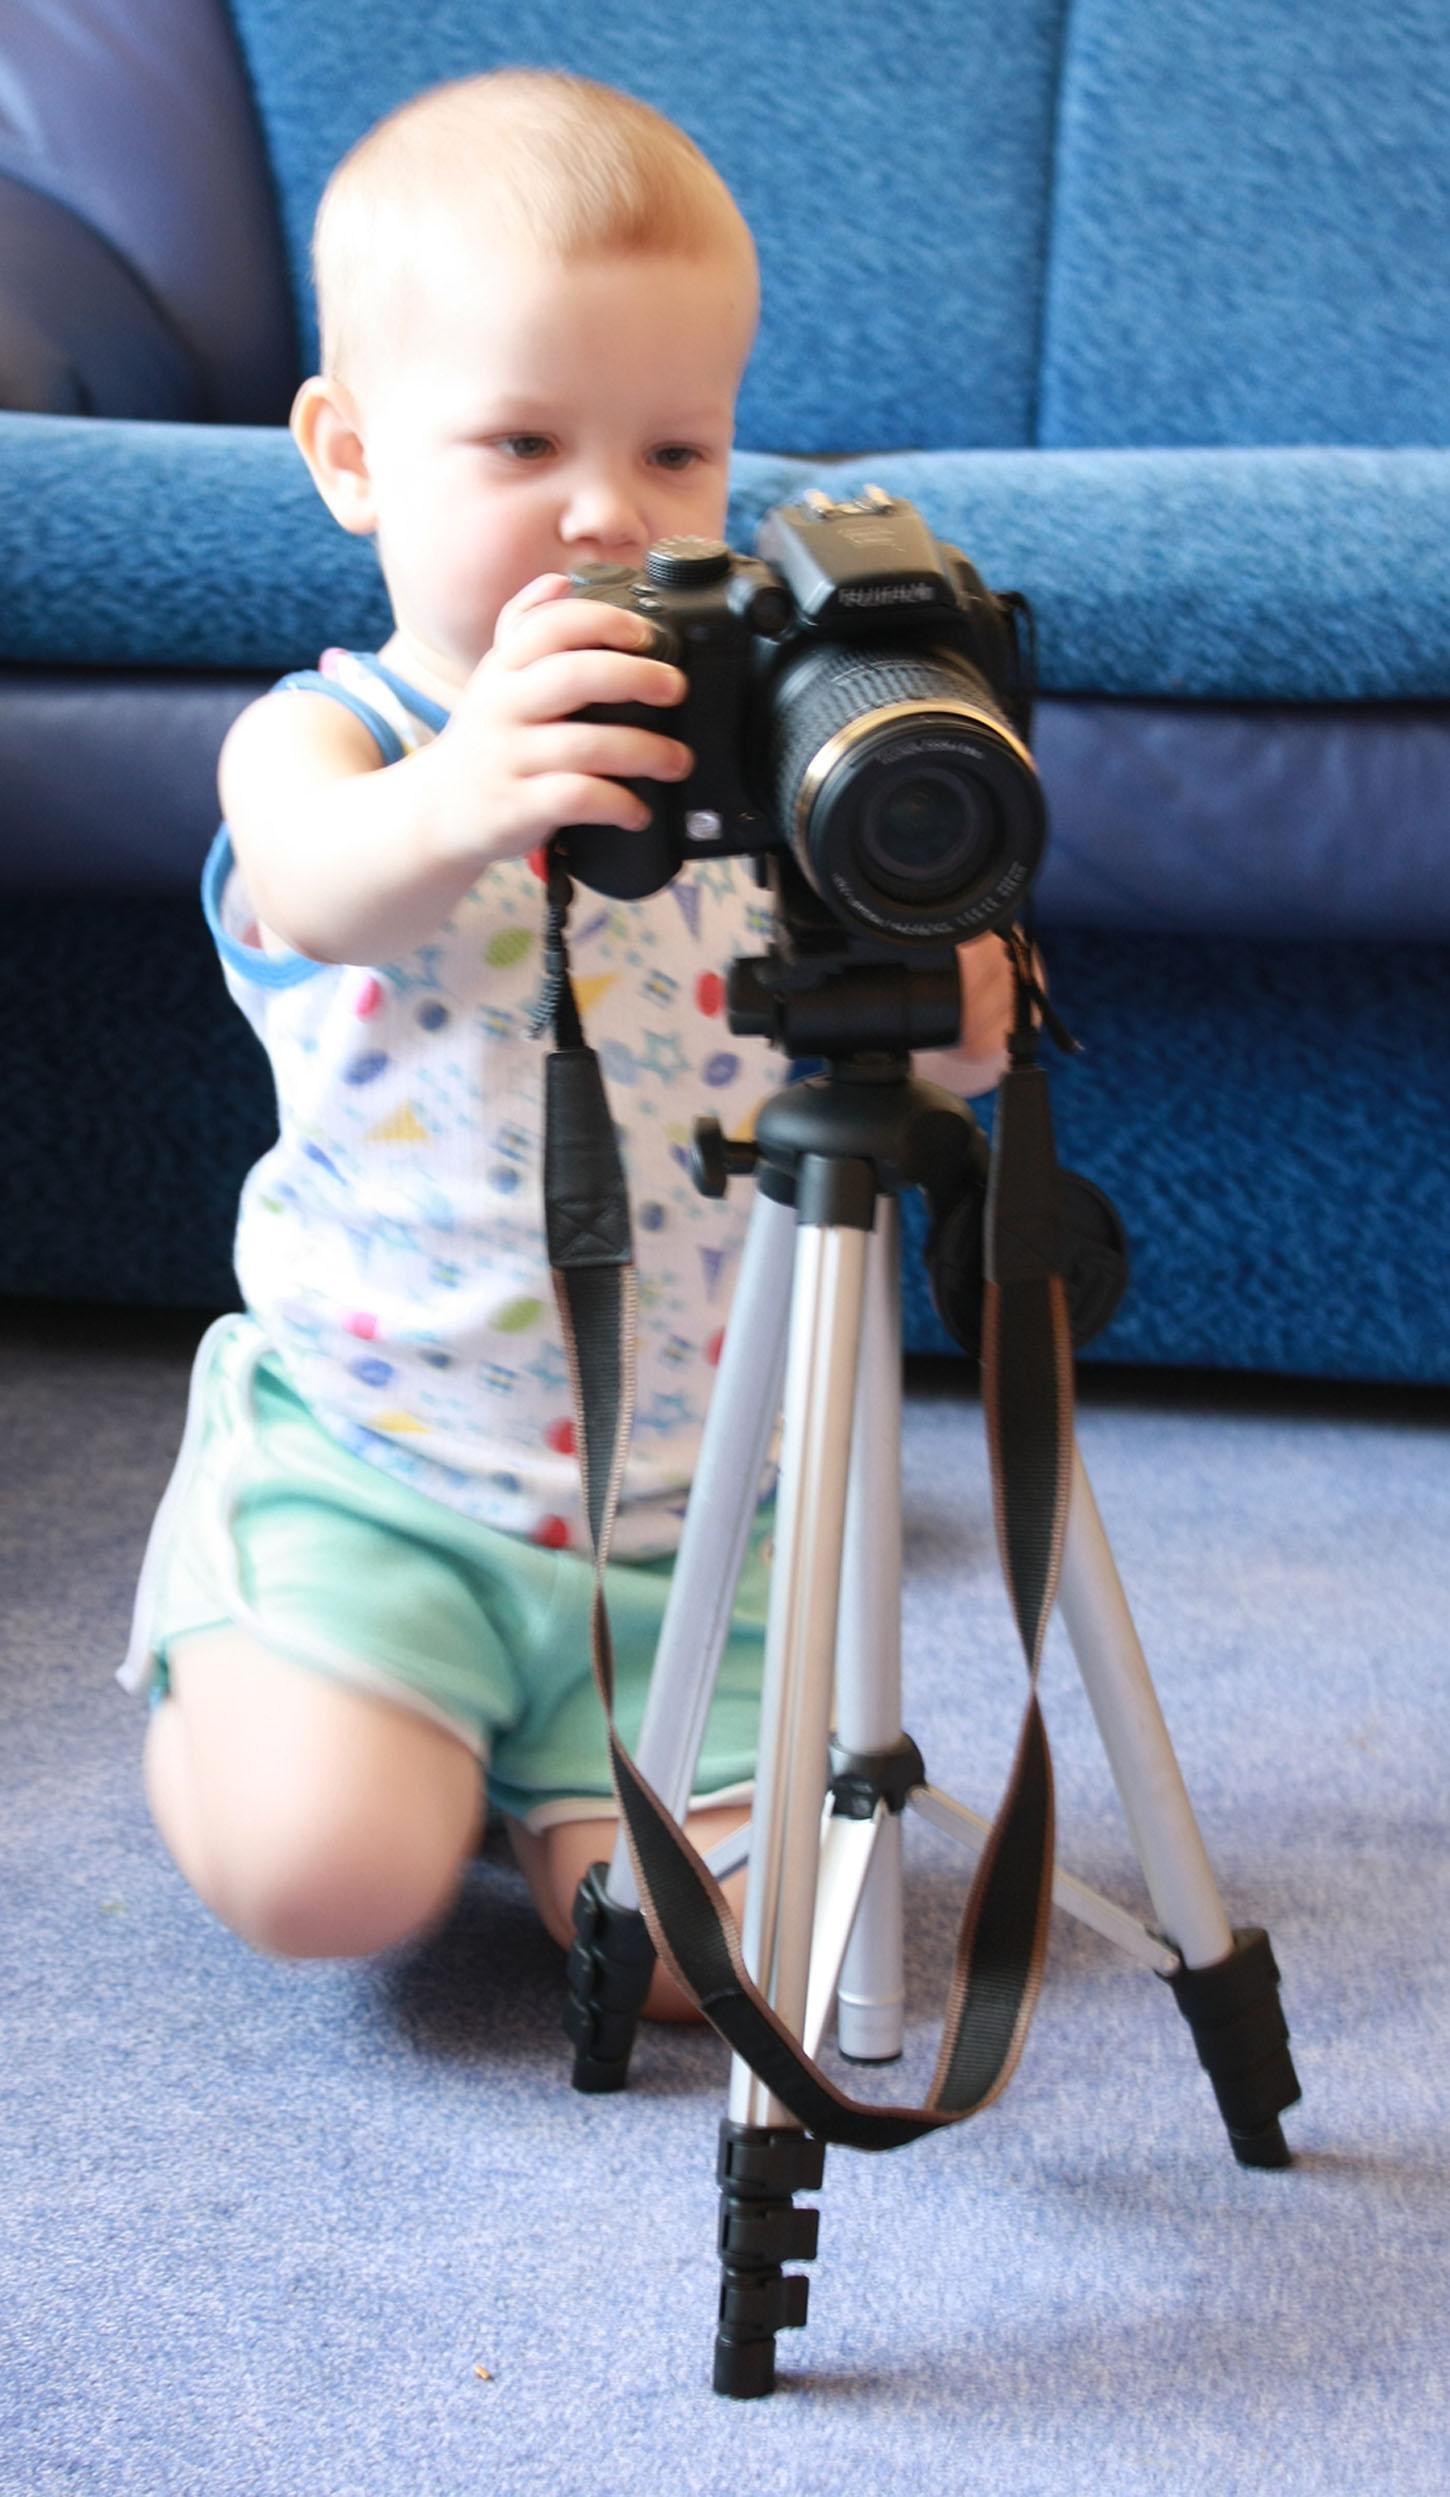 Все готово! Начнем фотосессию!.